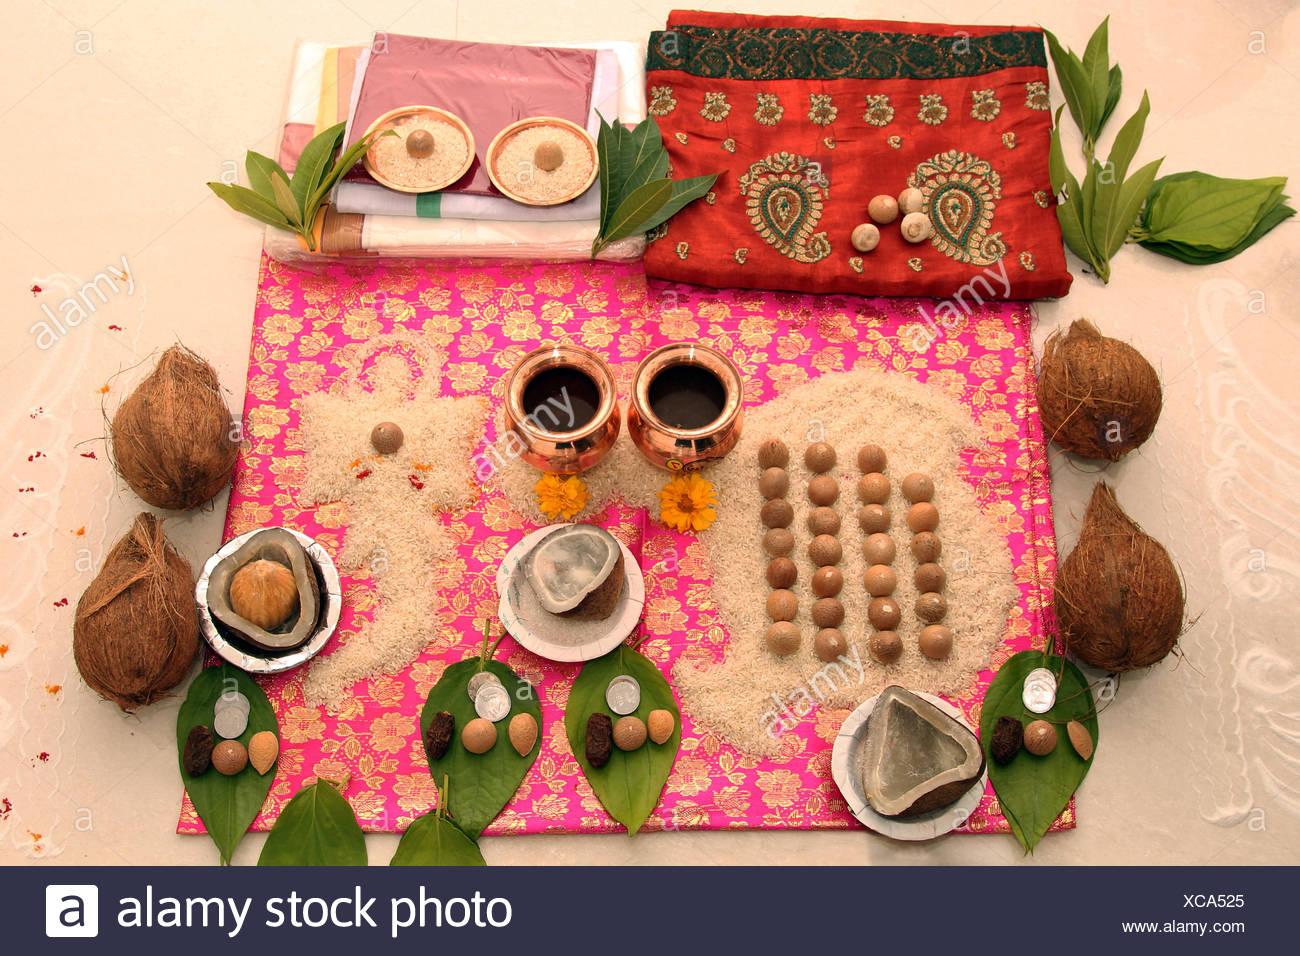 Navagraha Stock Photos & Navagraha Stock Images - Alamy